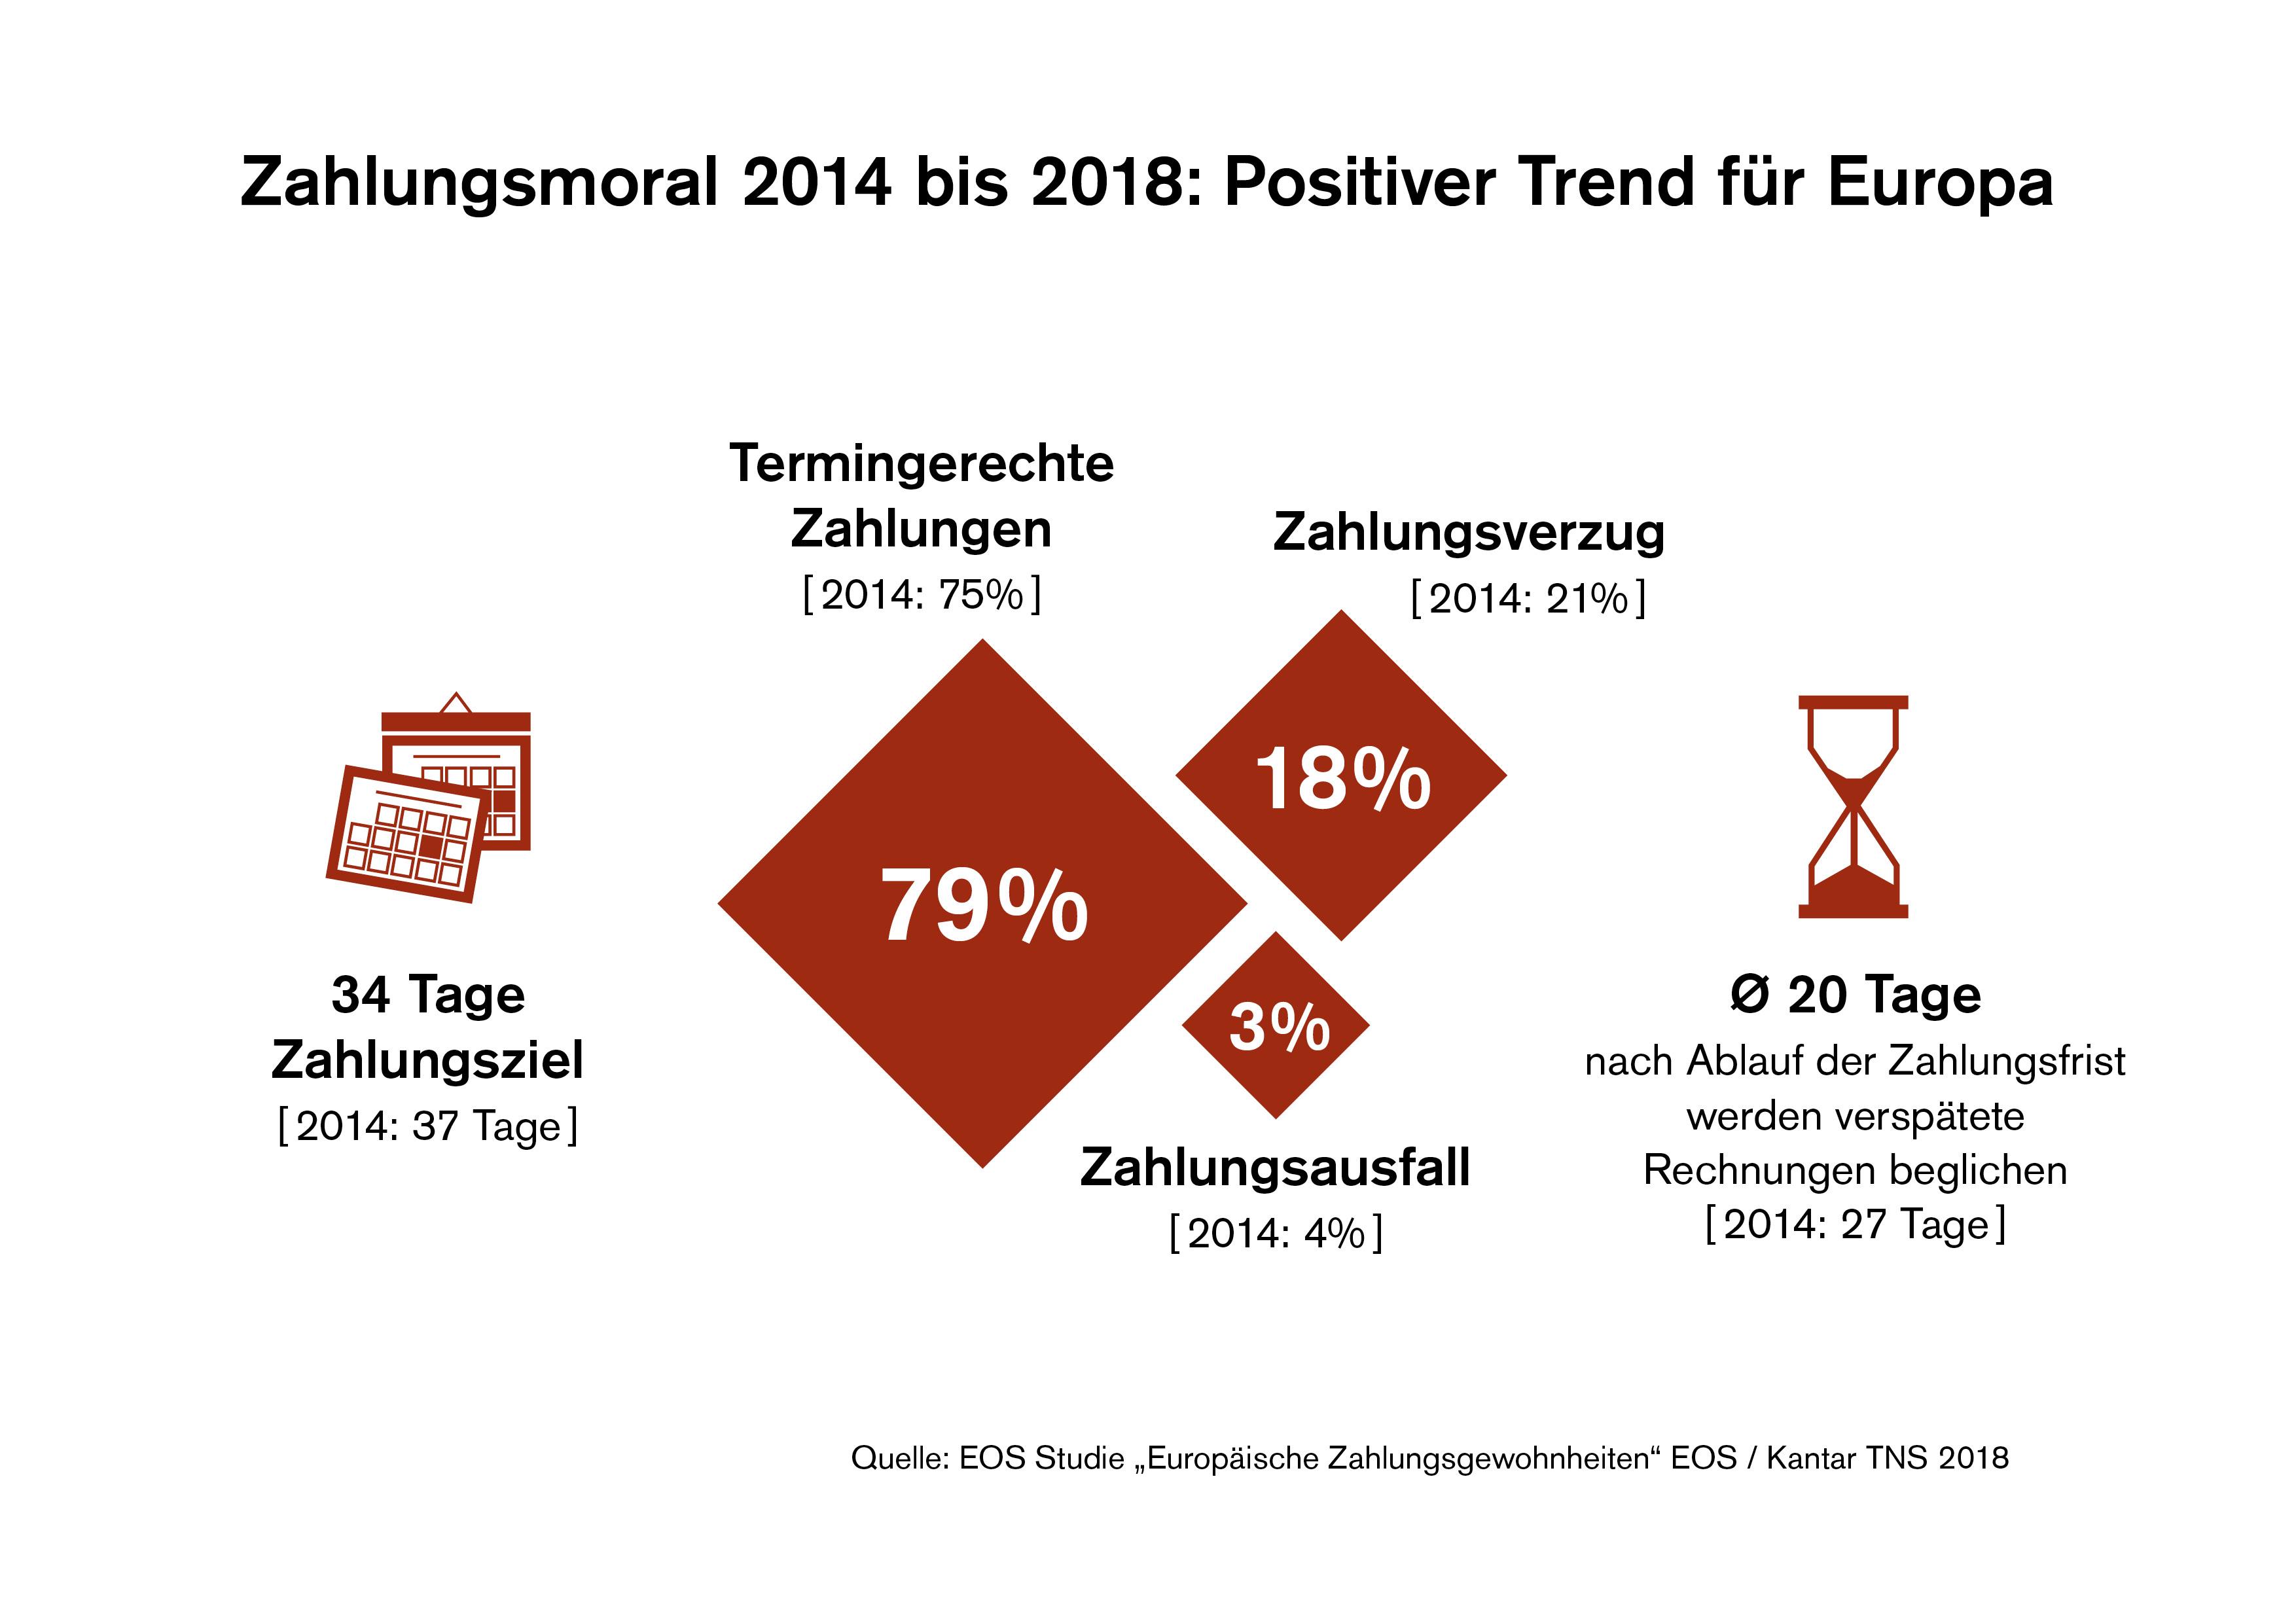 Zahlungsmoral 2018 Experten Bestätigen Positiven Trend Für